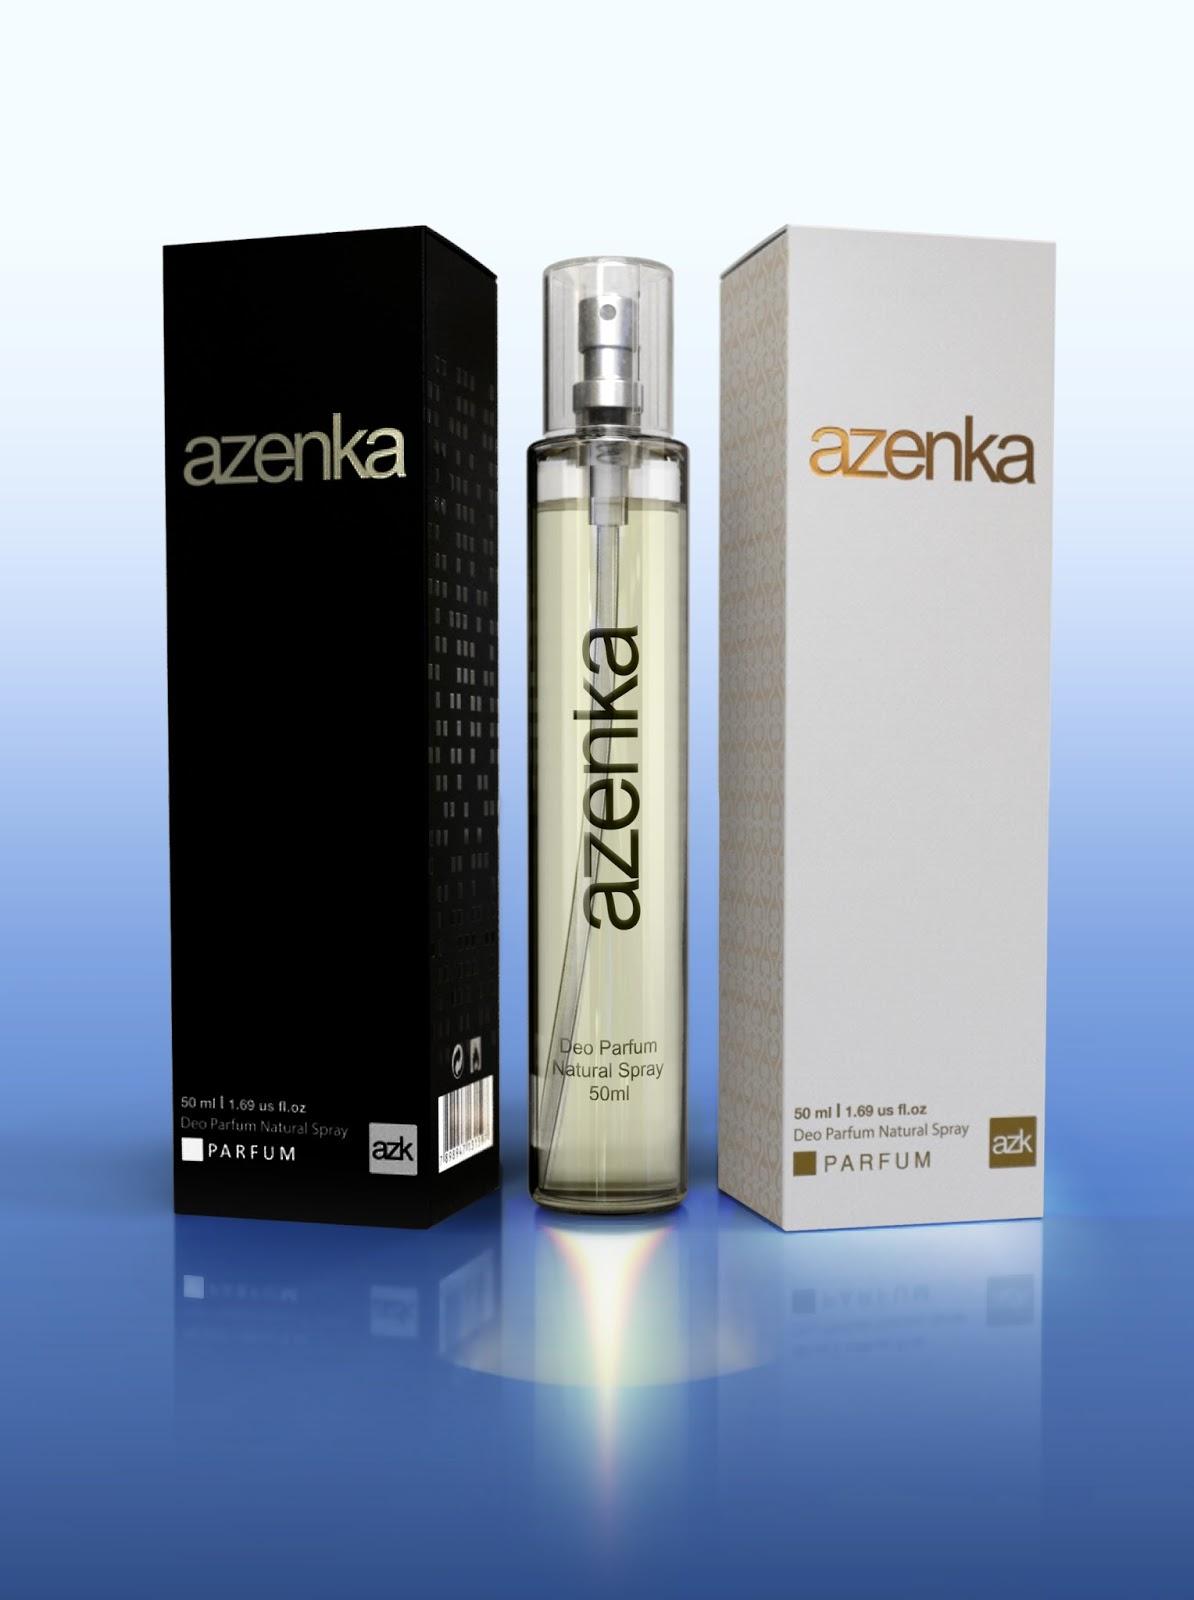 azenka perfume